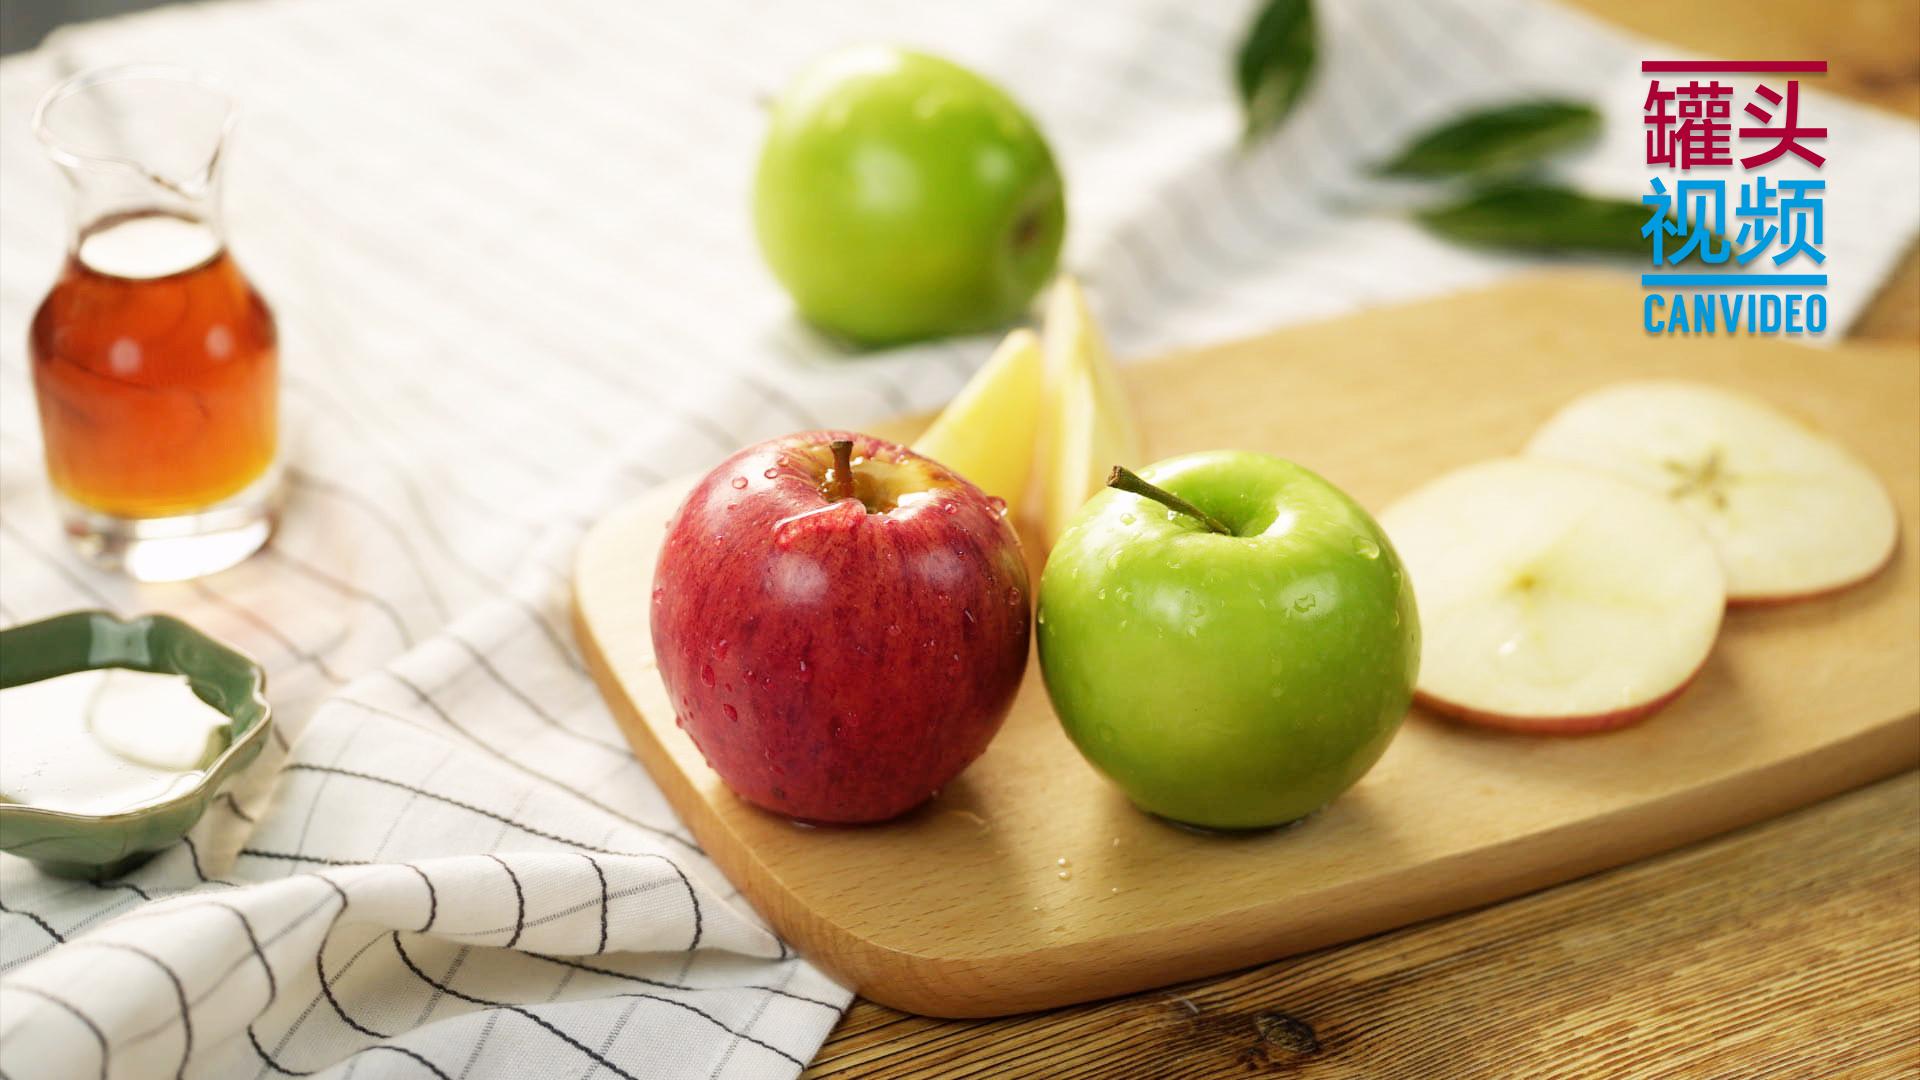 甜品控必看!一个苹果轻松打造最in下午茶